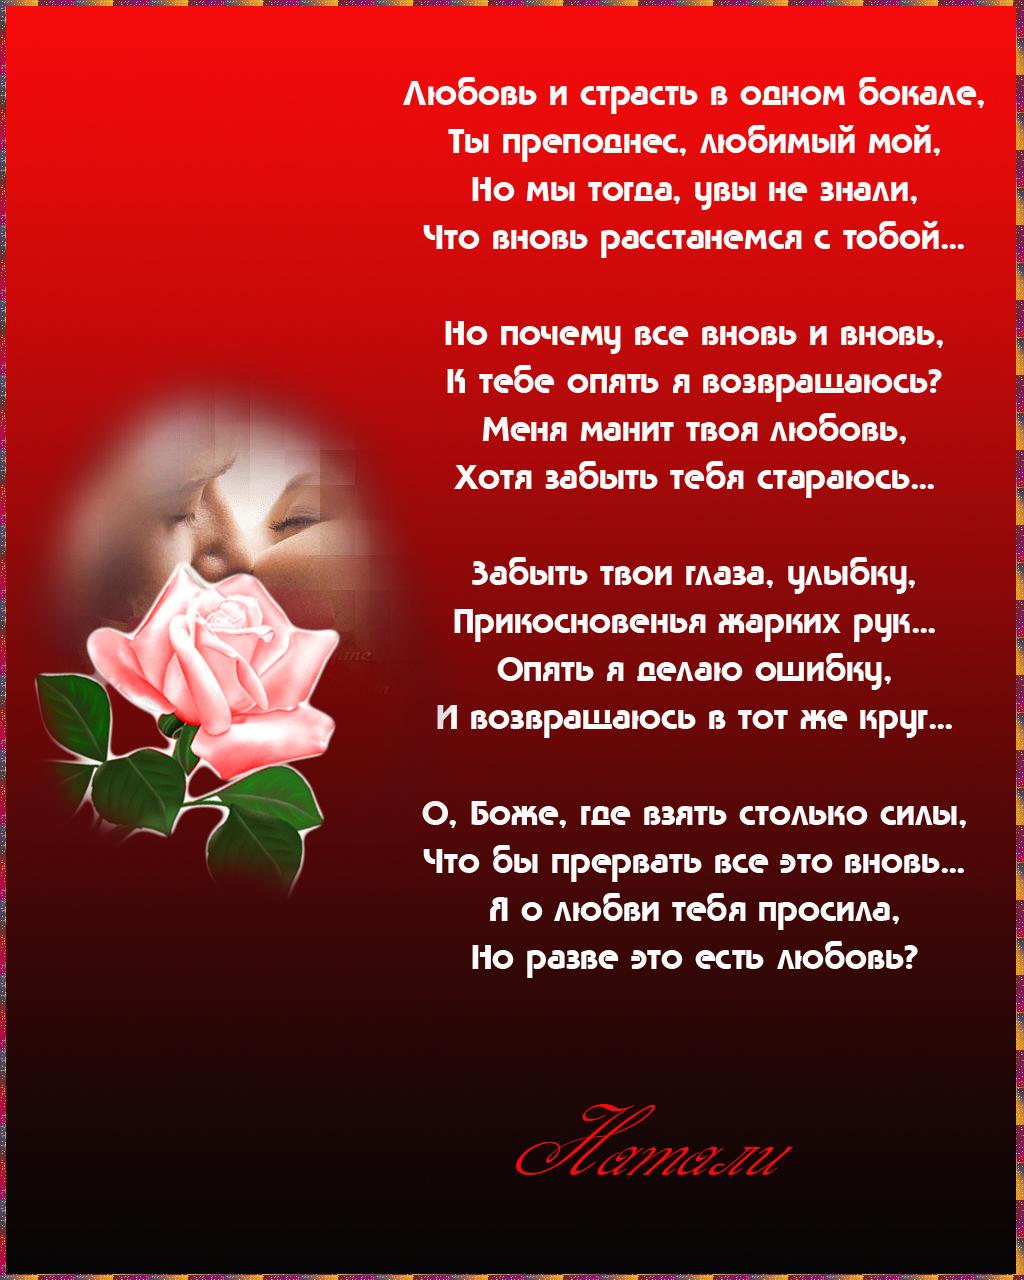 Красивые открытки со стихами о любви 29